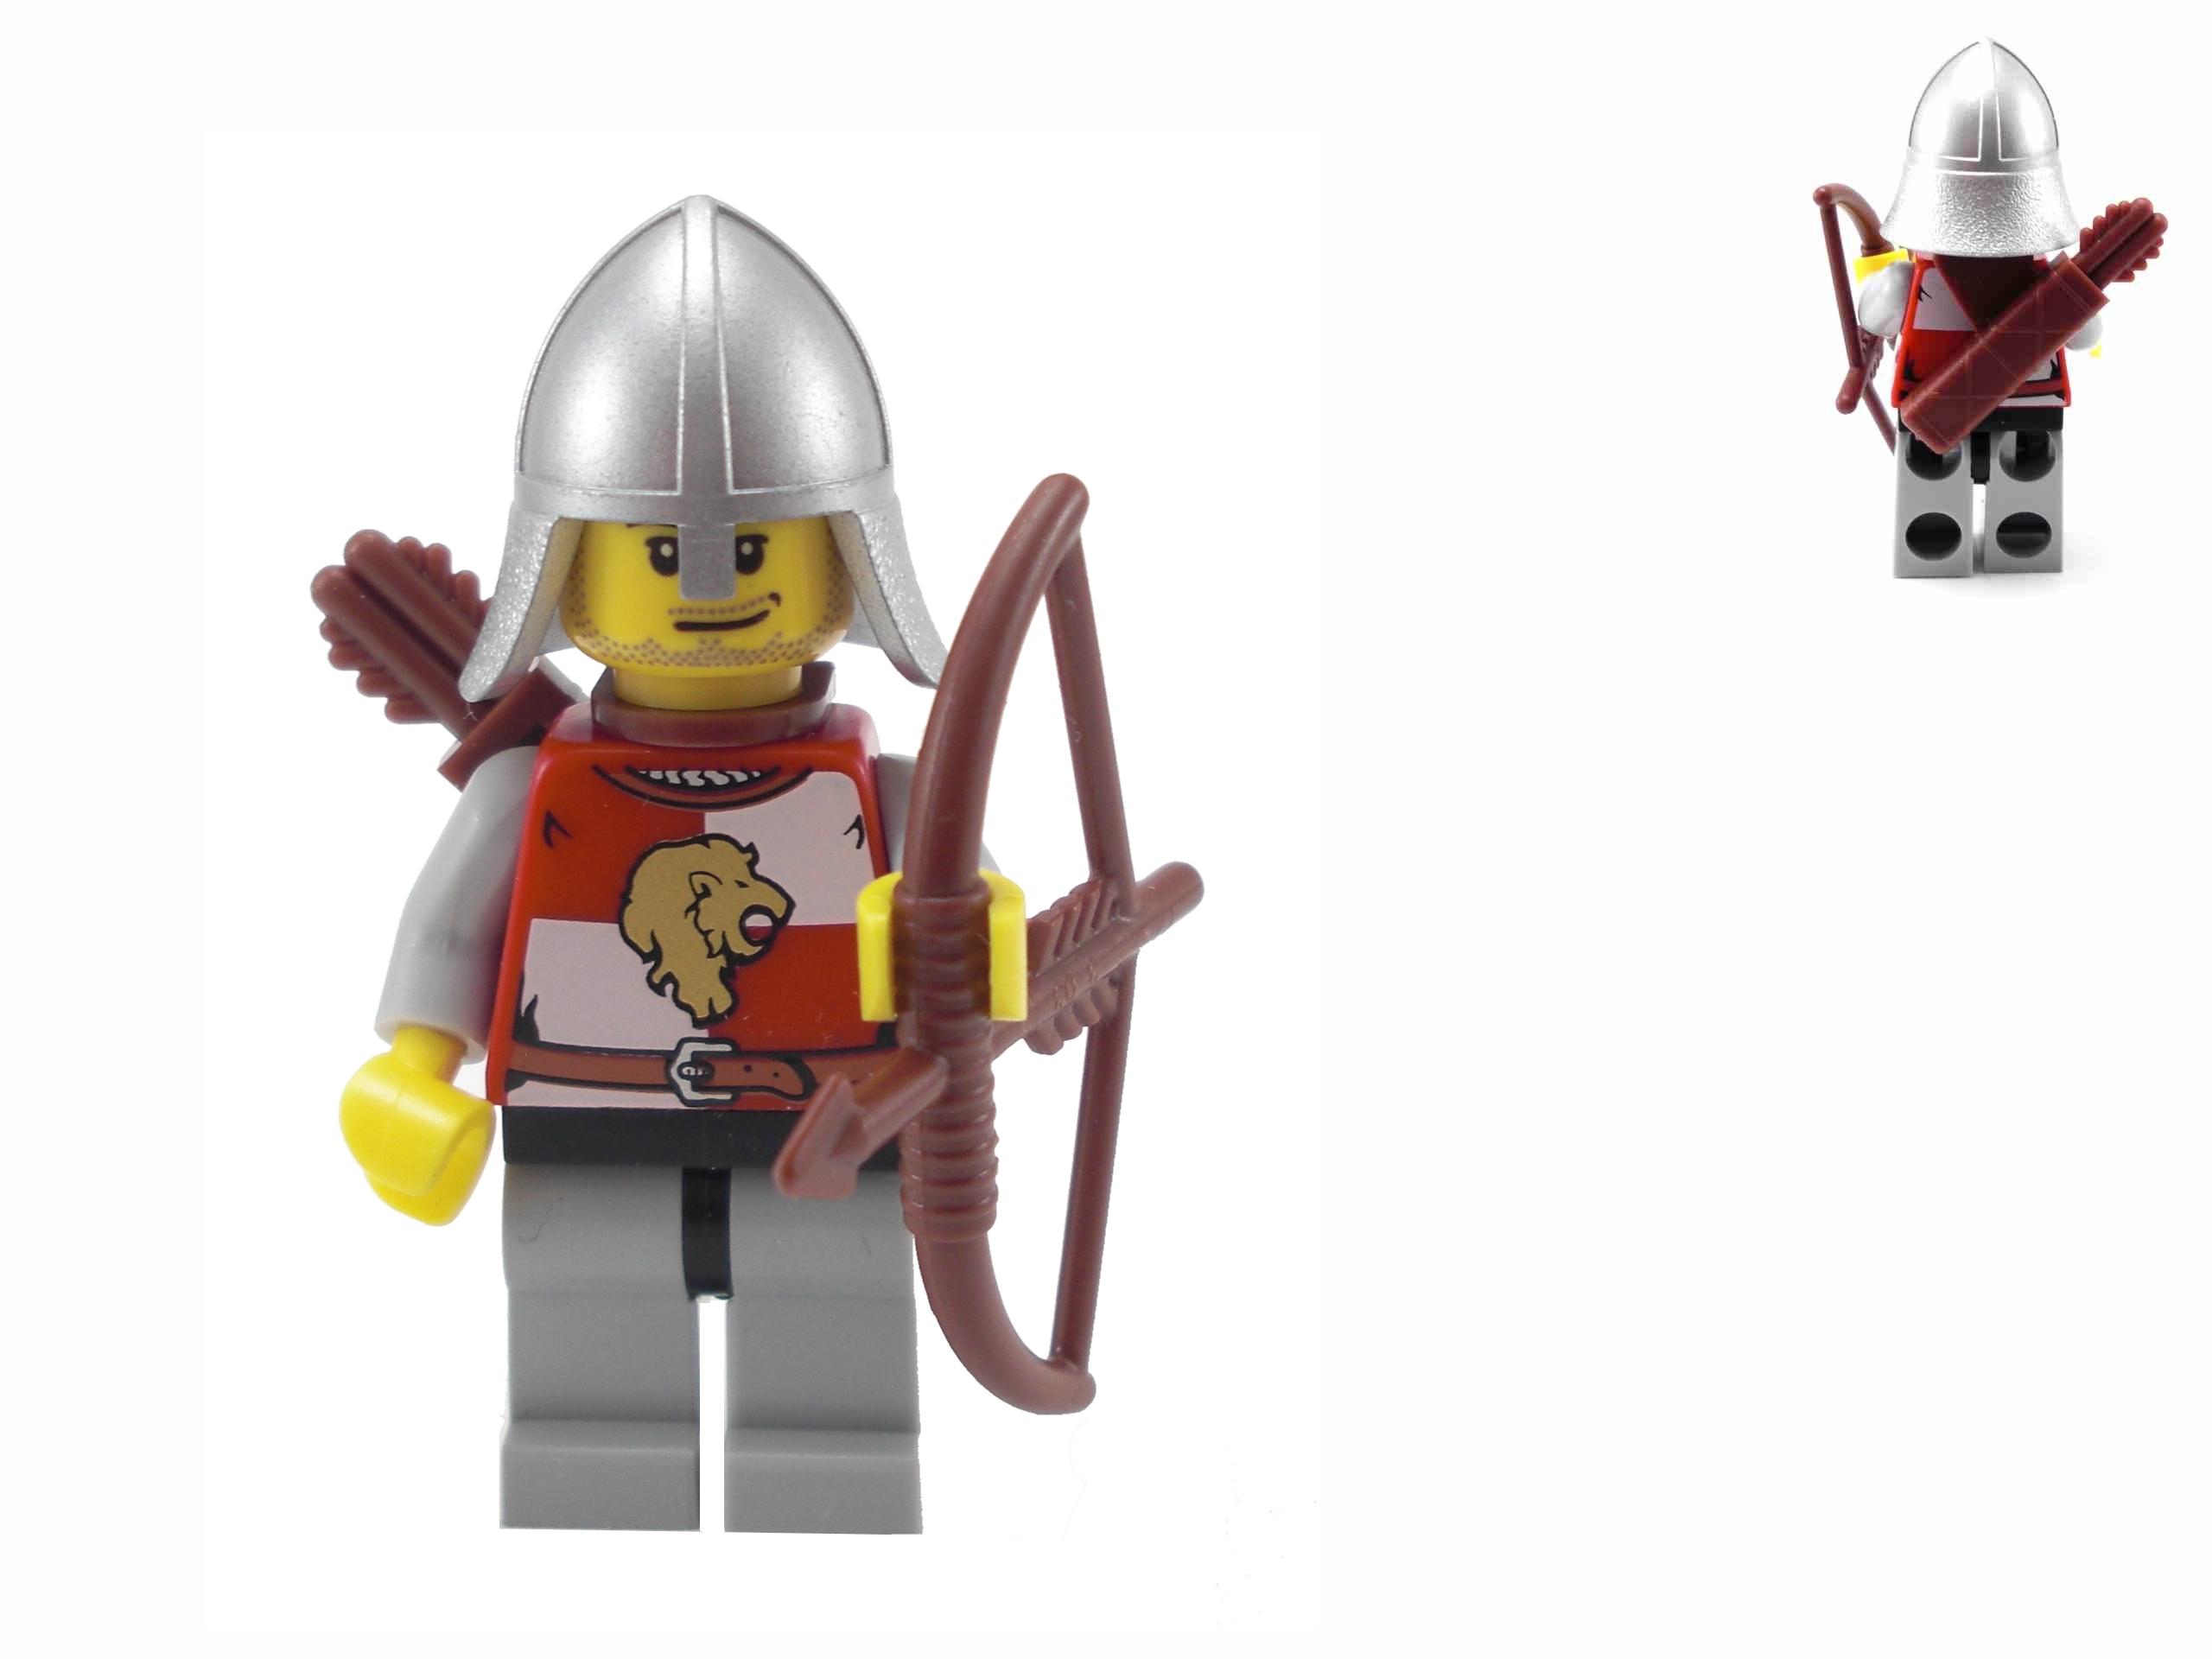 LEGO Castle - Rycerz (Łucznik) herbu Złoty Lew !